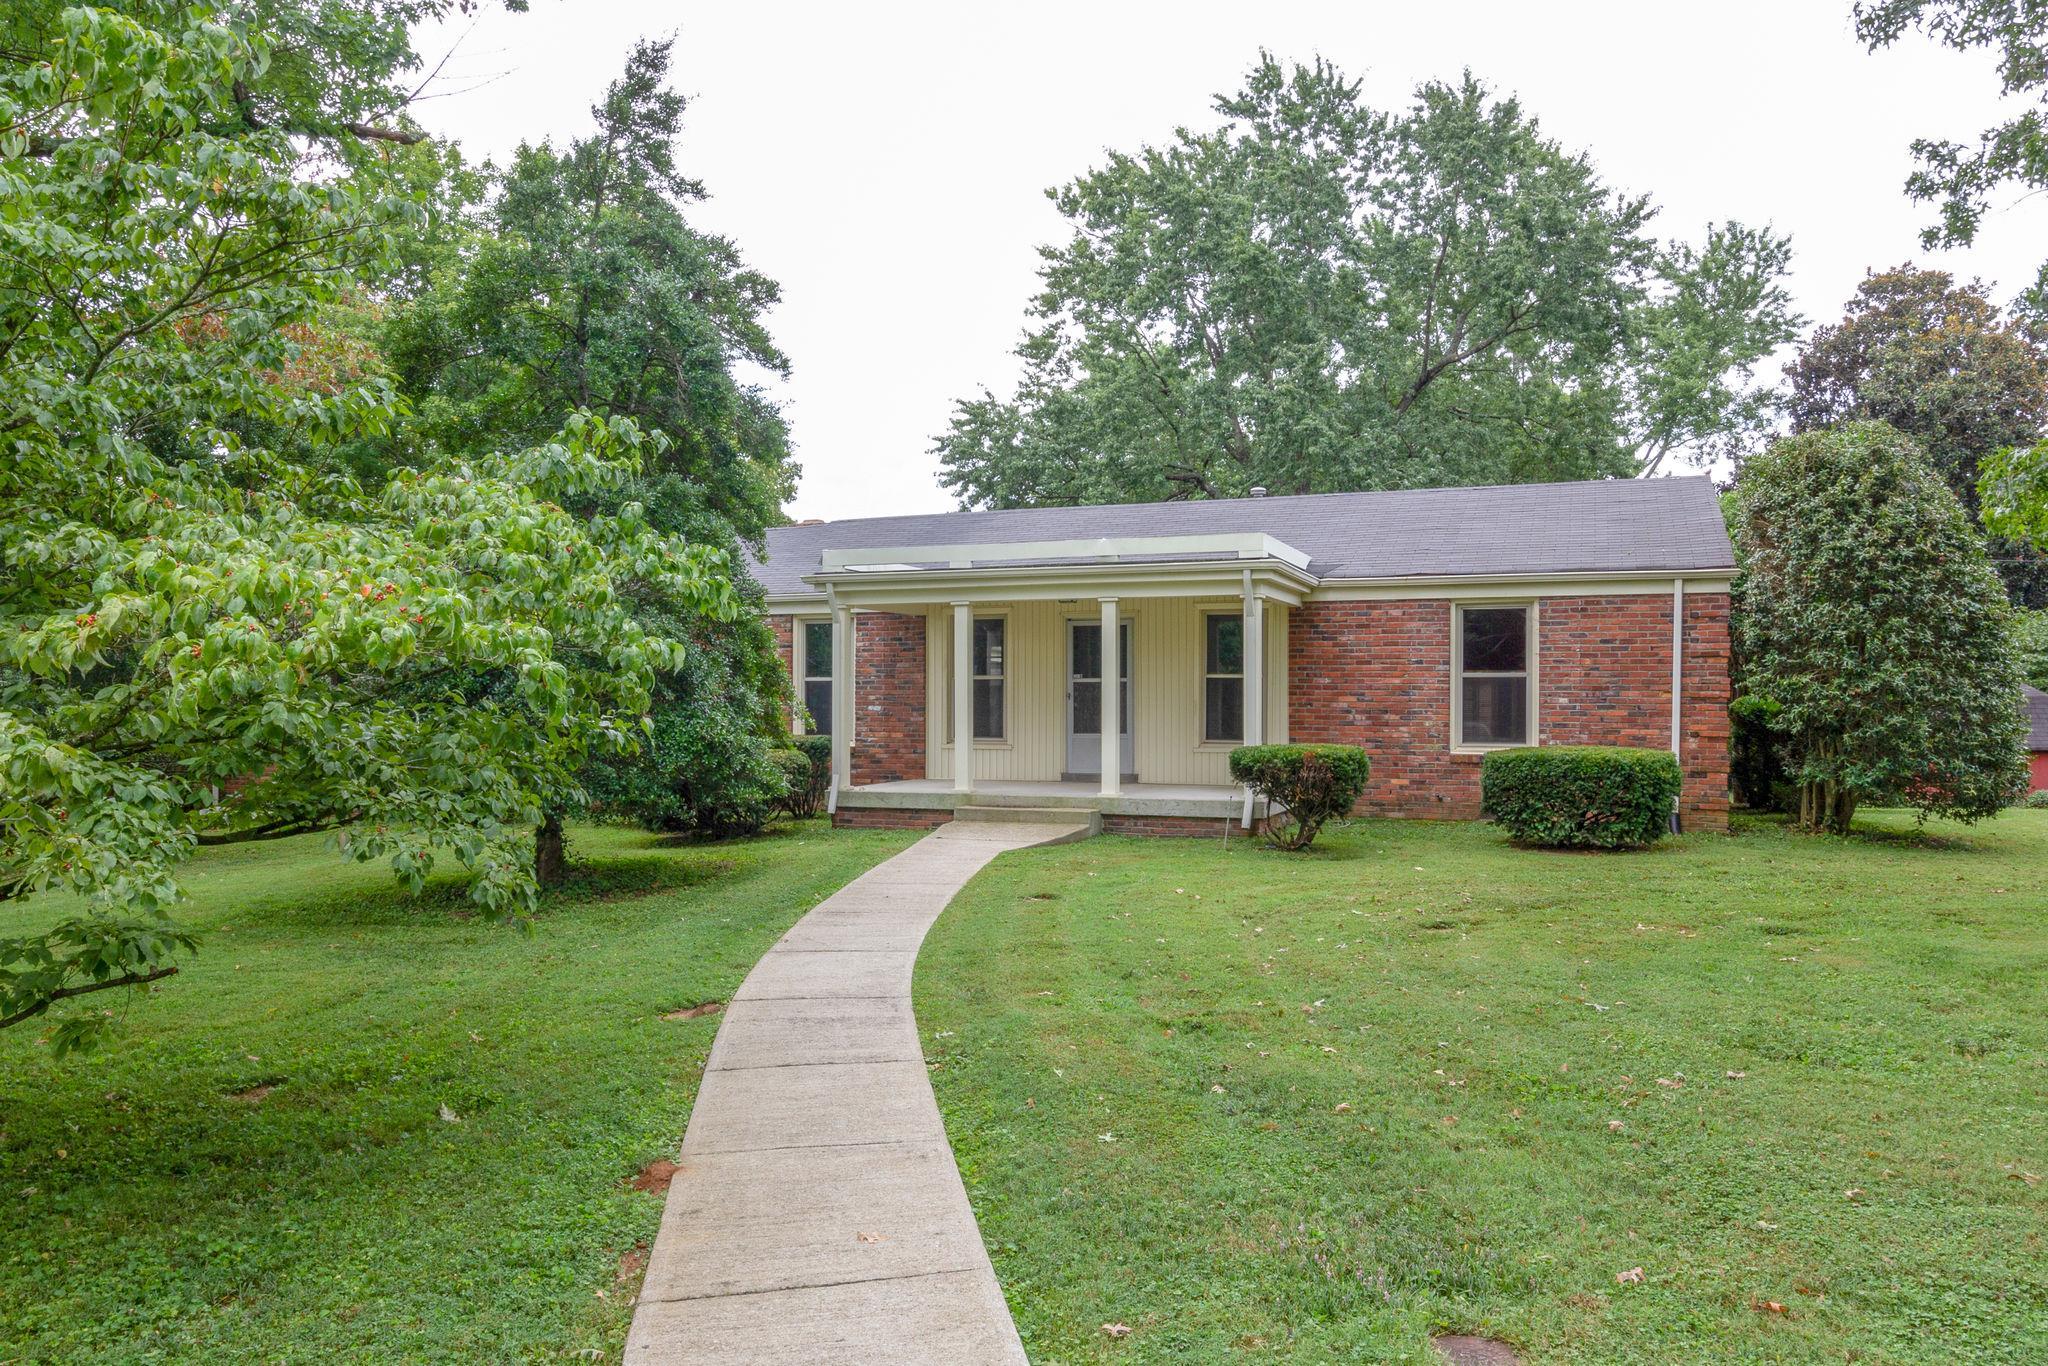 317 Randall Dr, Crieve Hill, Tennessee